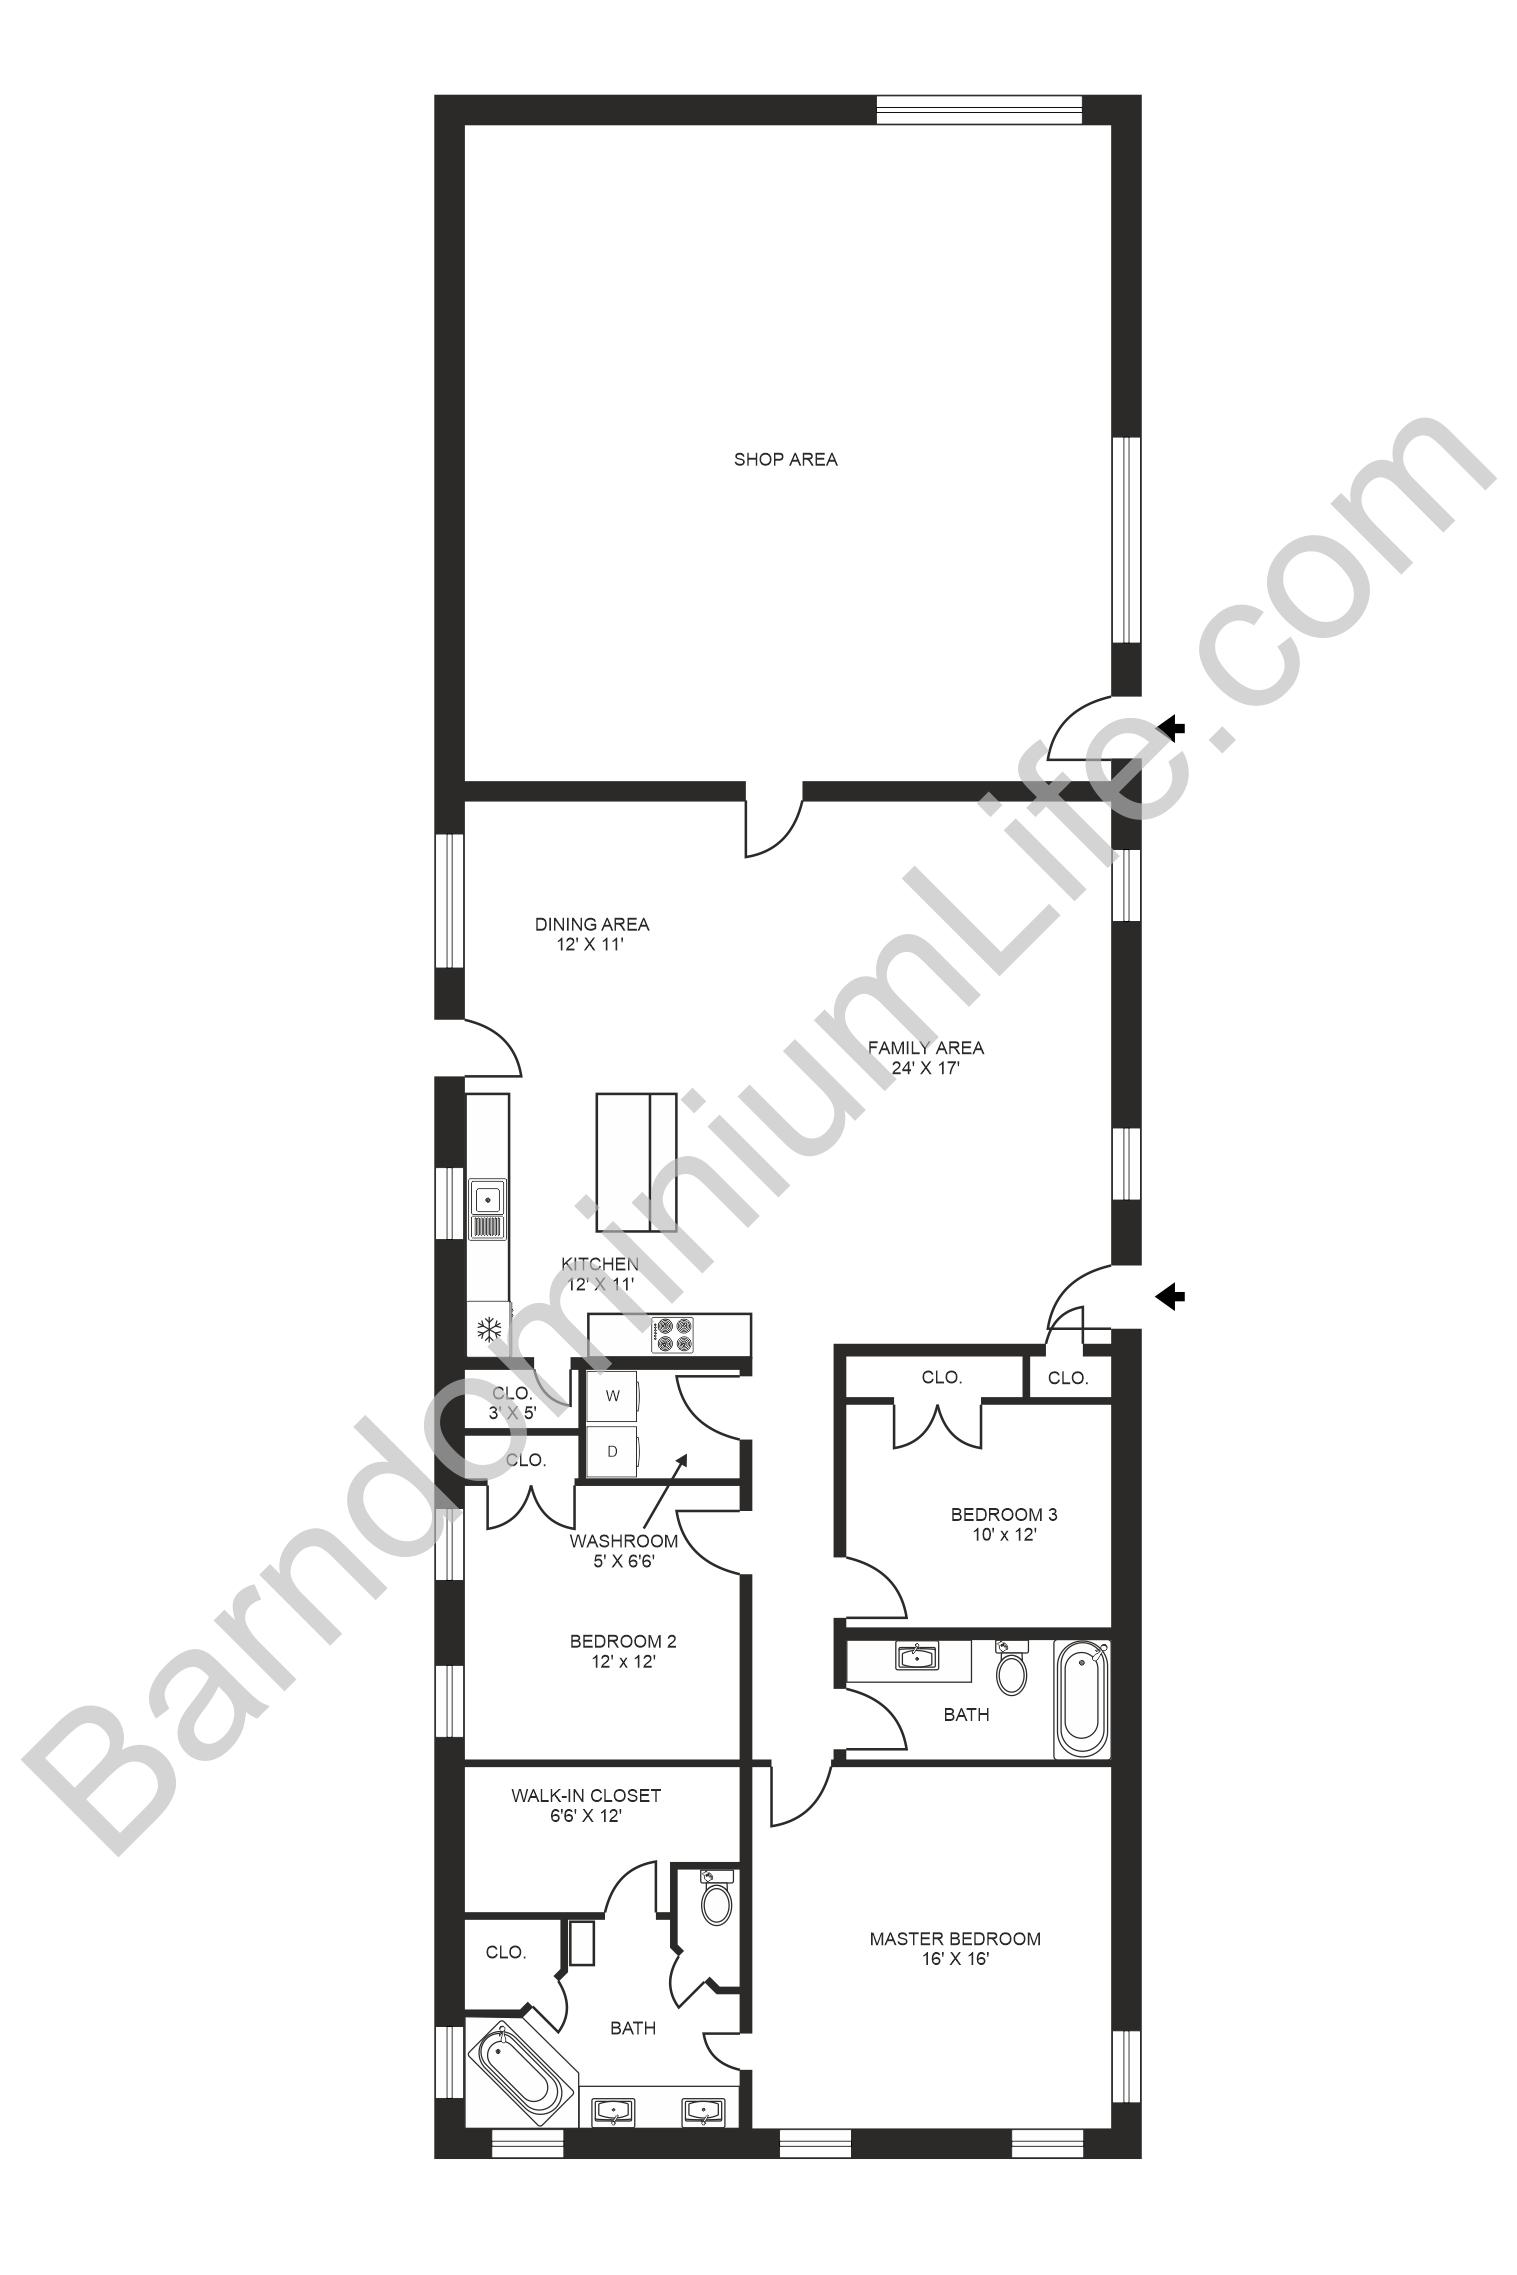 barndominium floor plan with shop